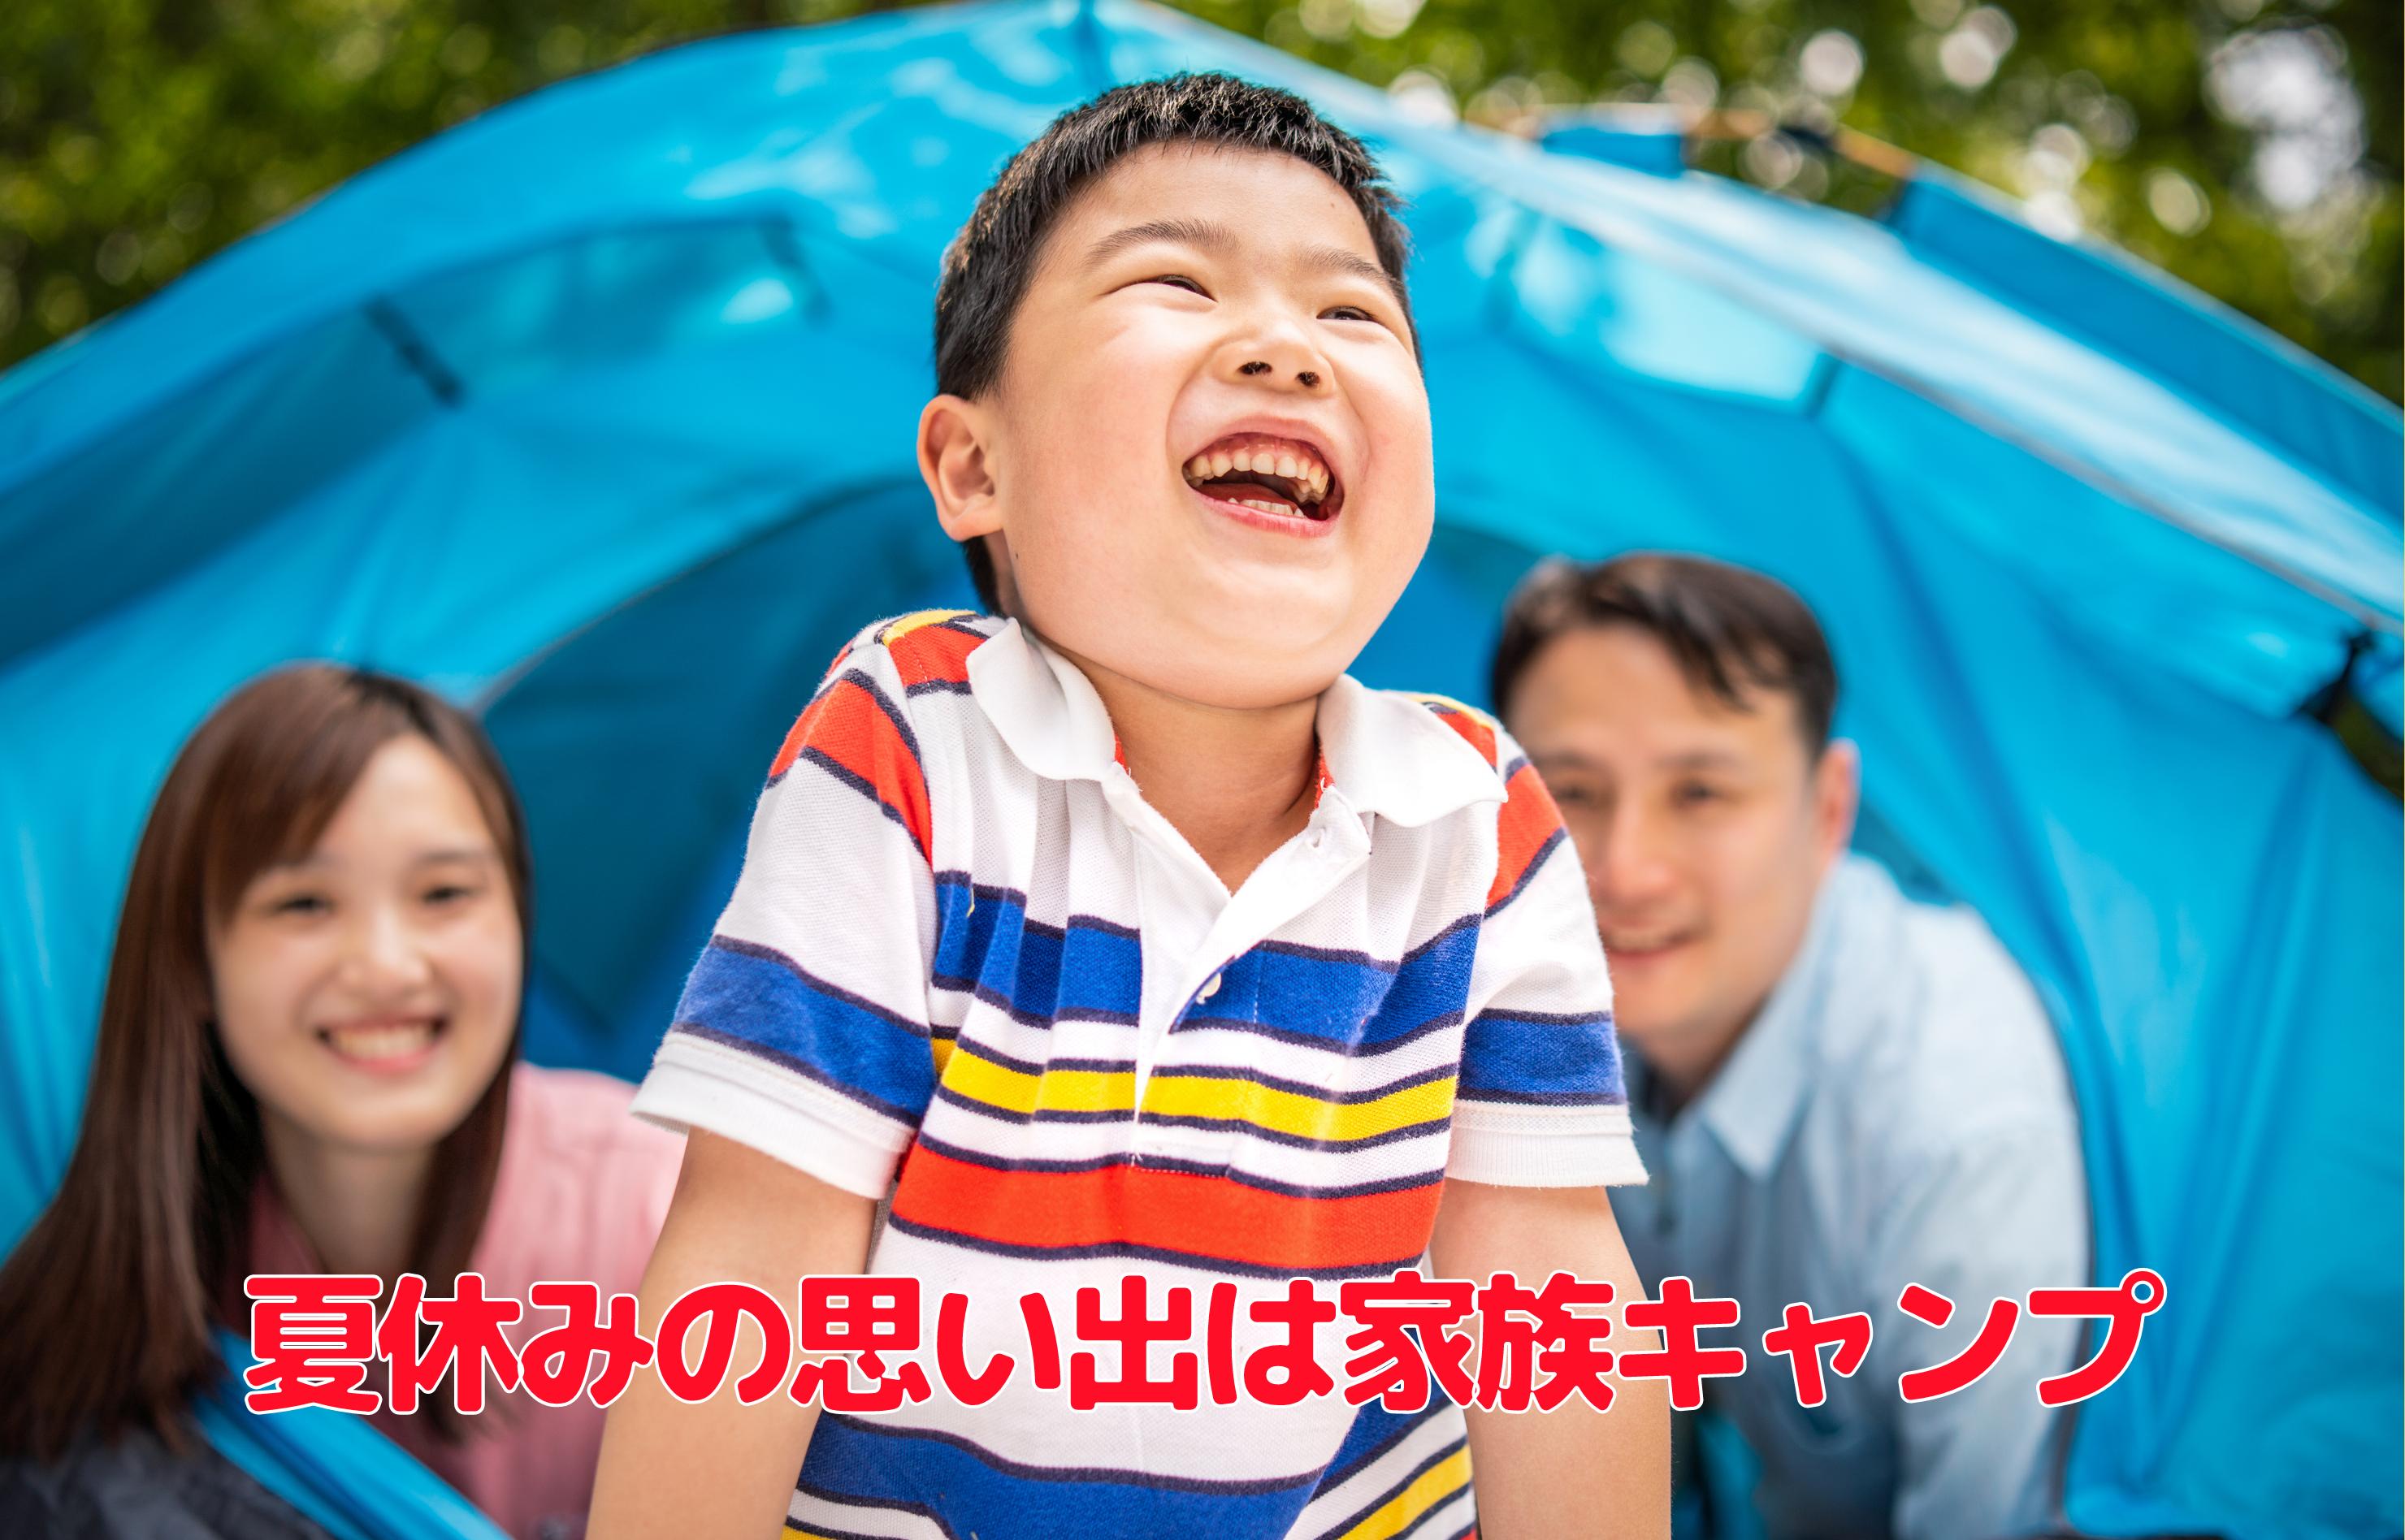 コロナ禍の子どもの夏はキャンプ!